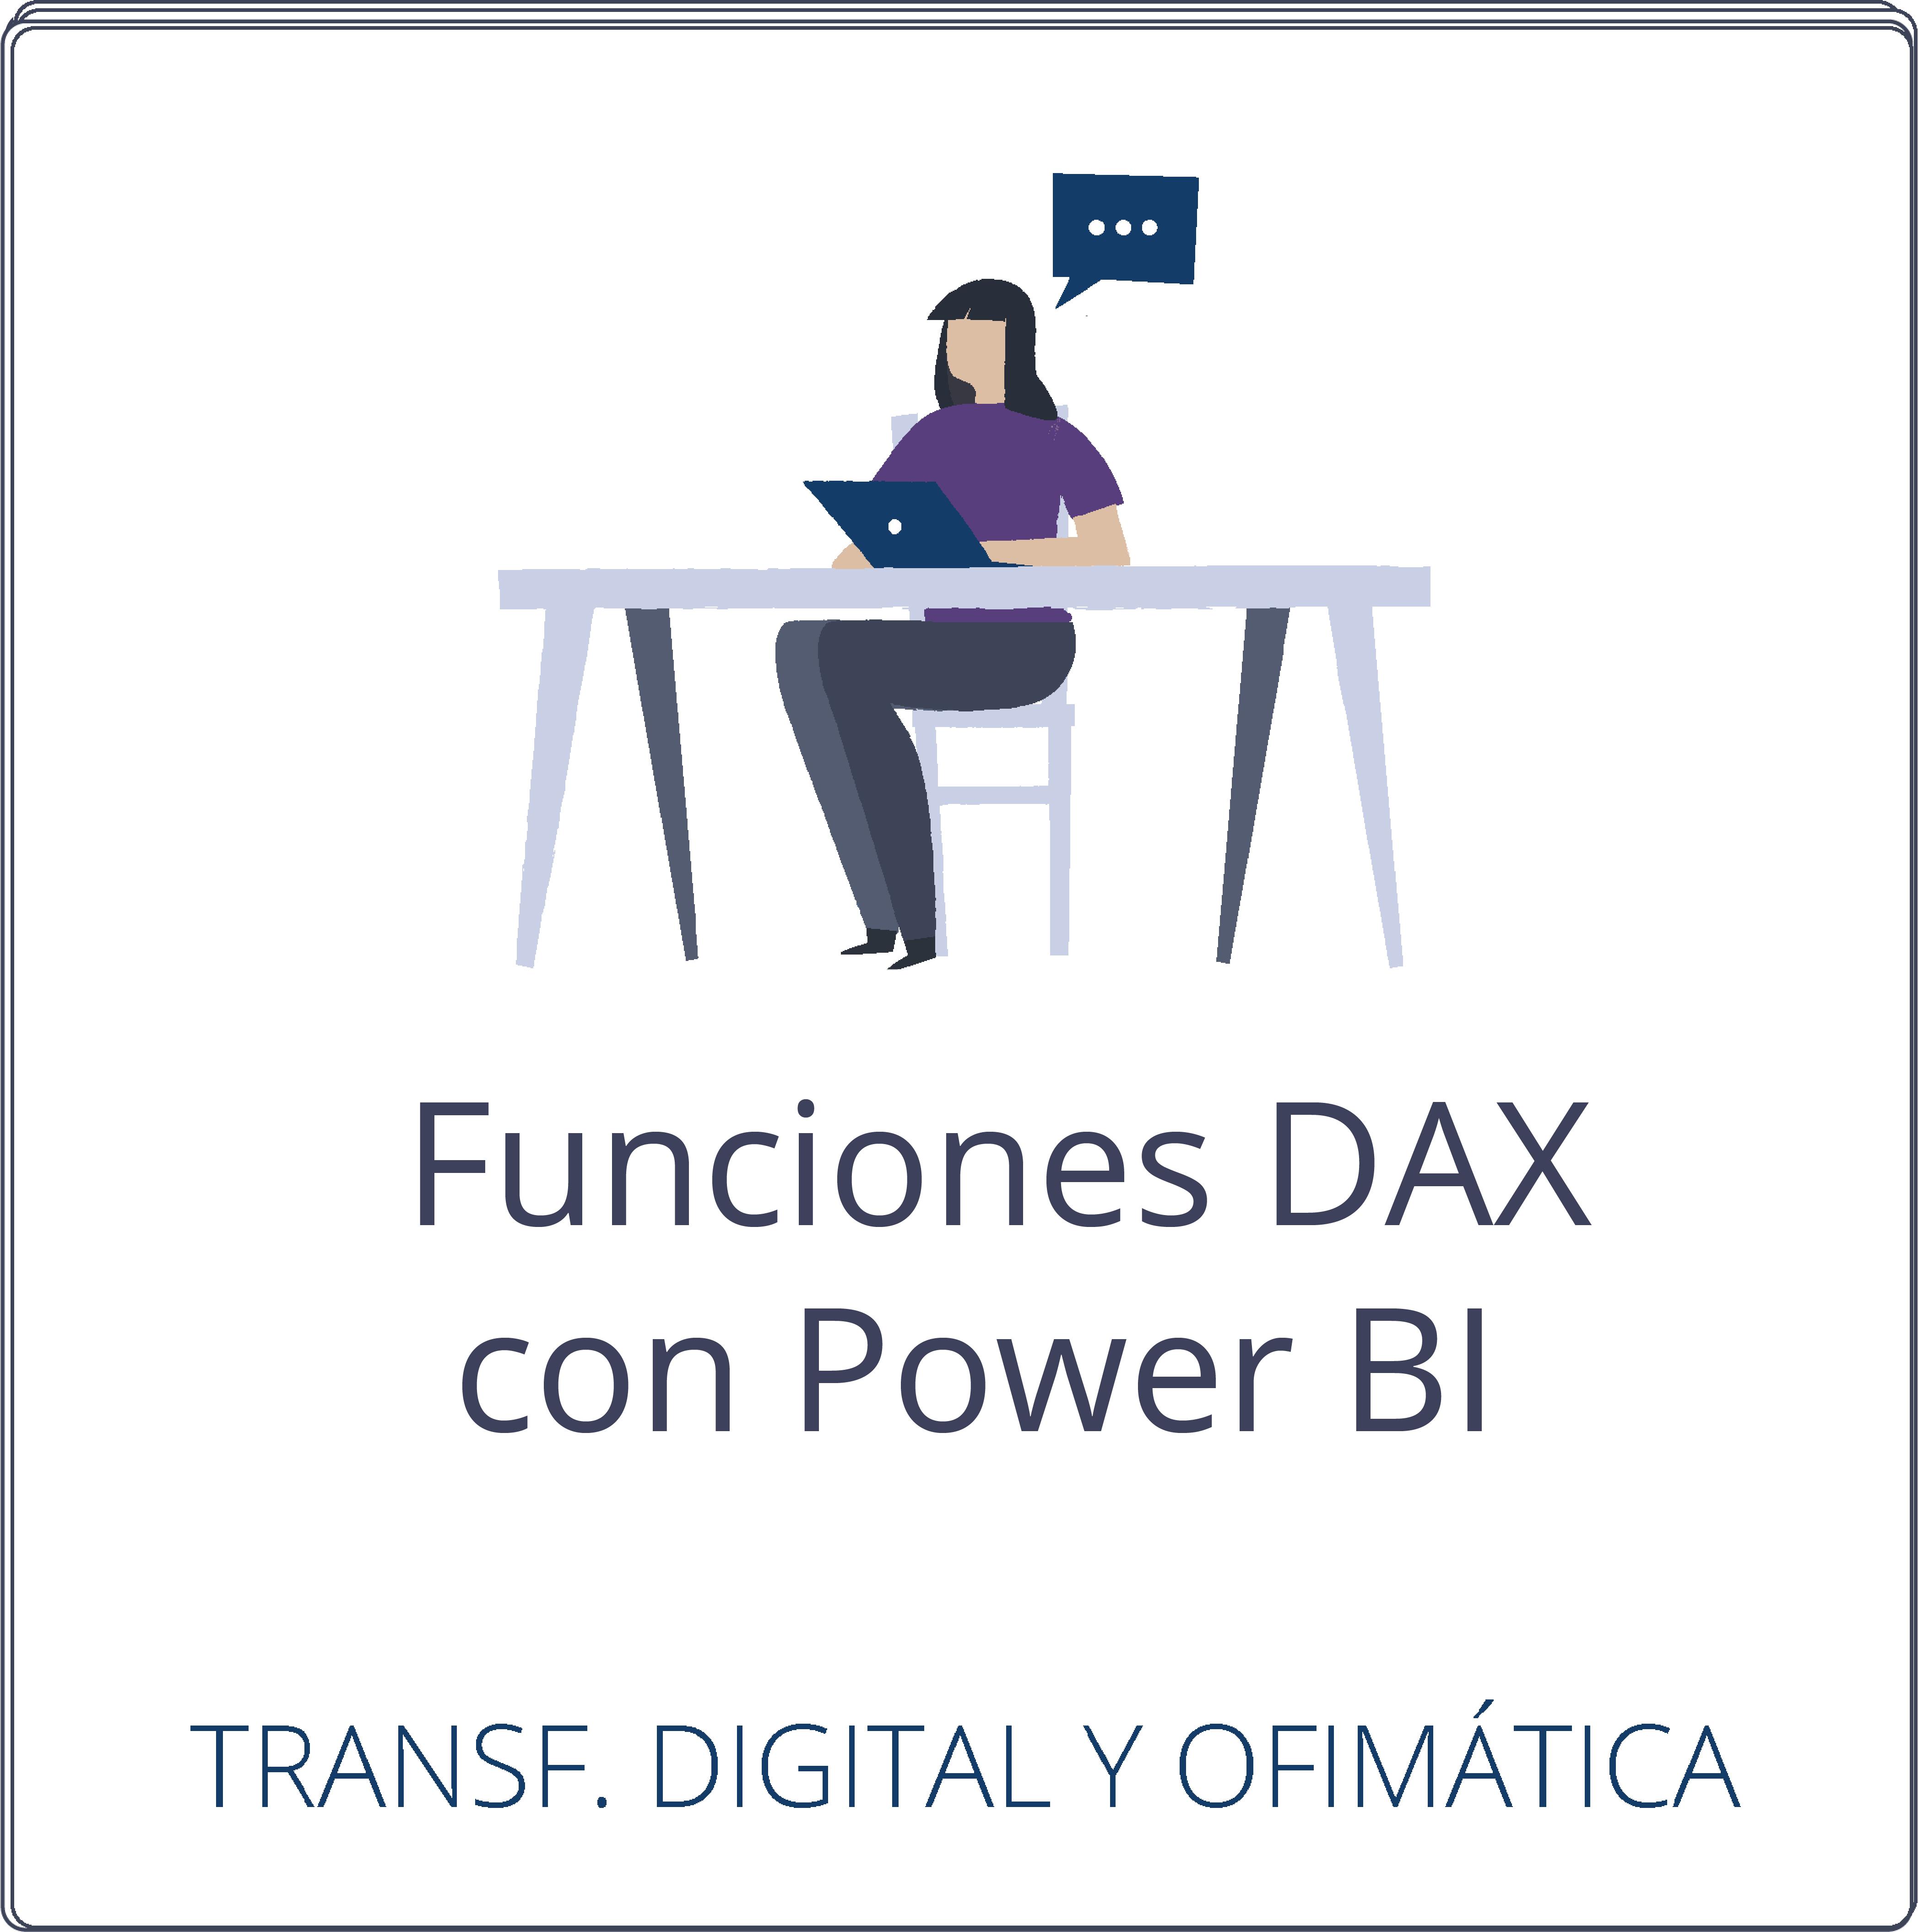 Funciones DAX con Power BI